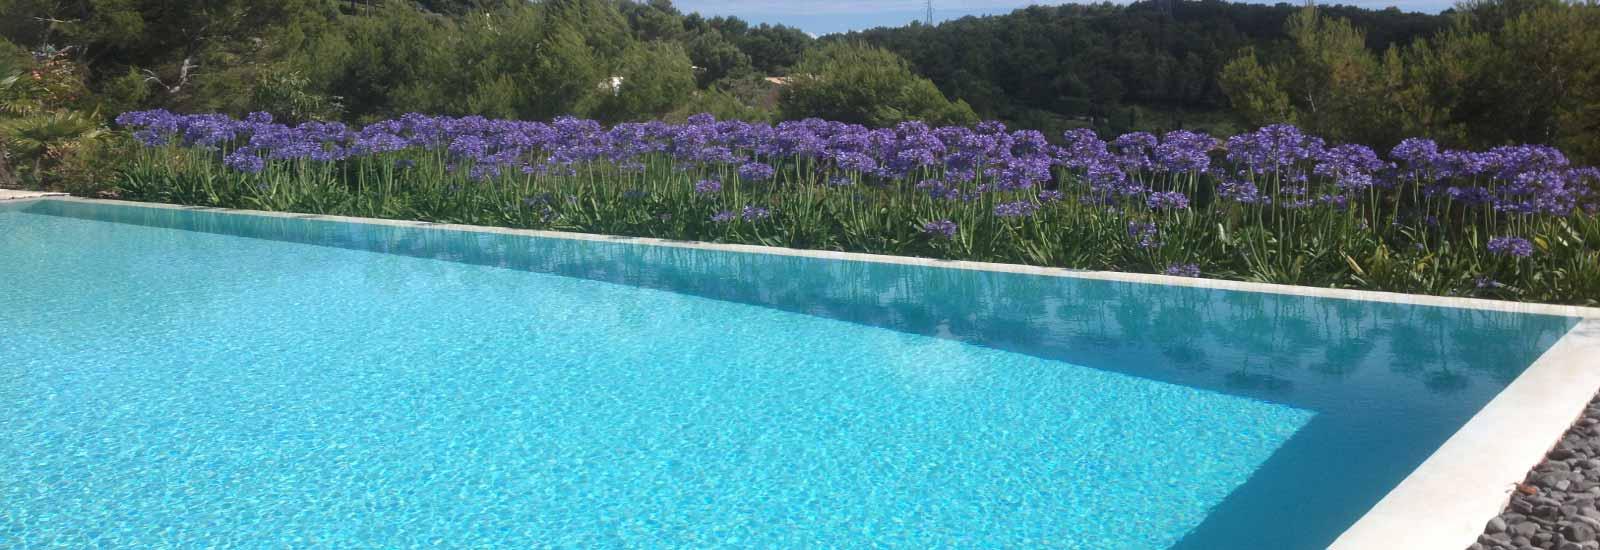 Une piscine a débordement et son jardin